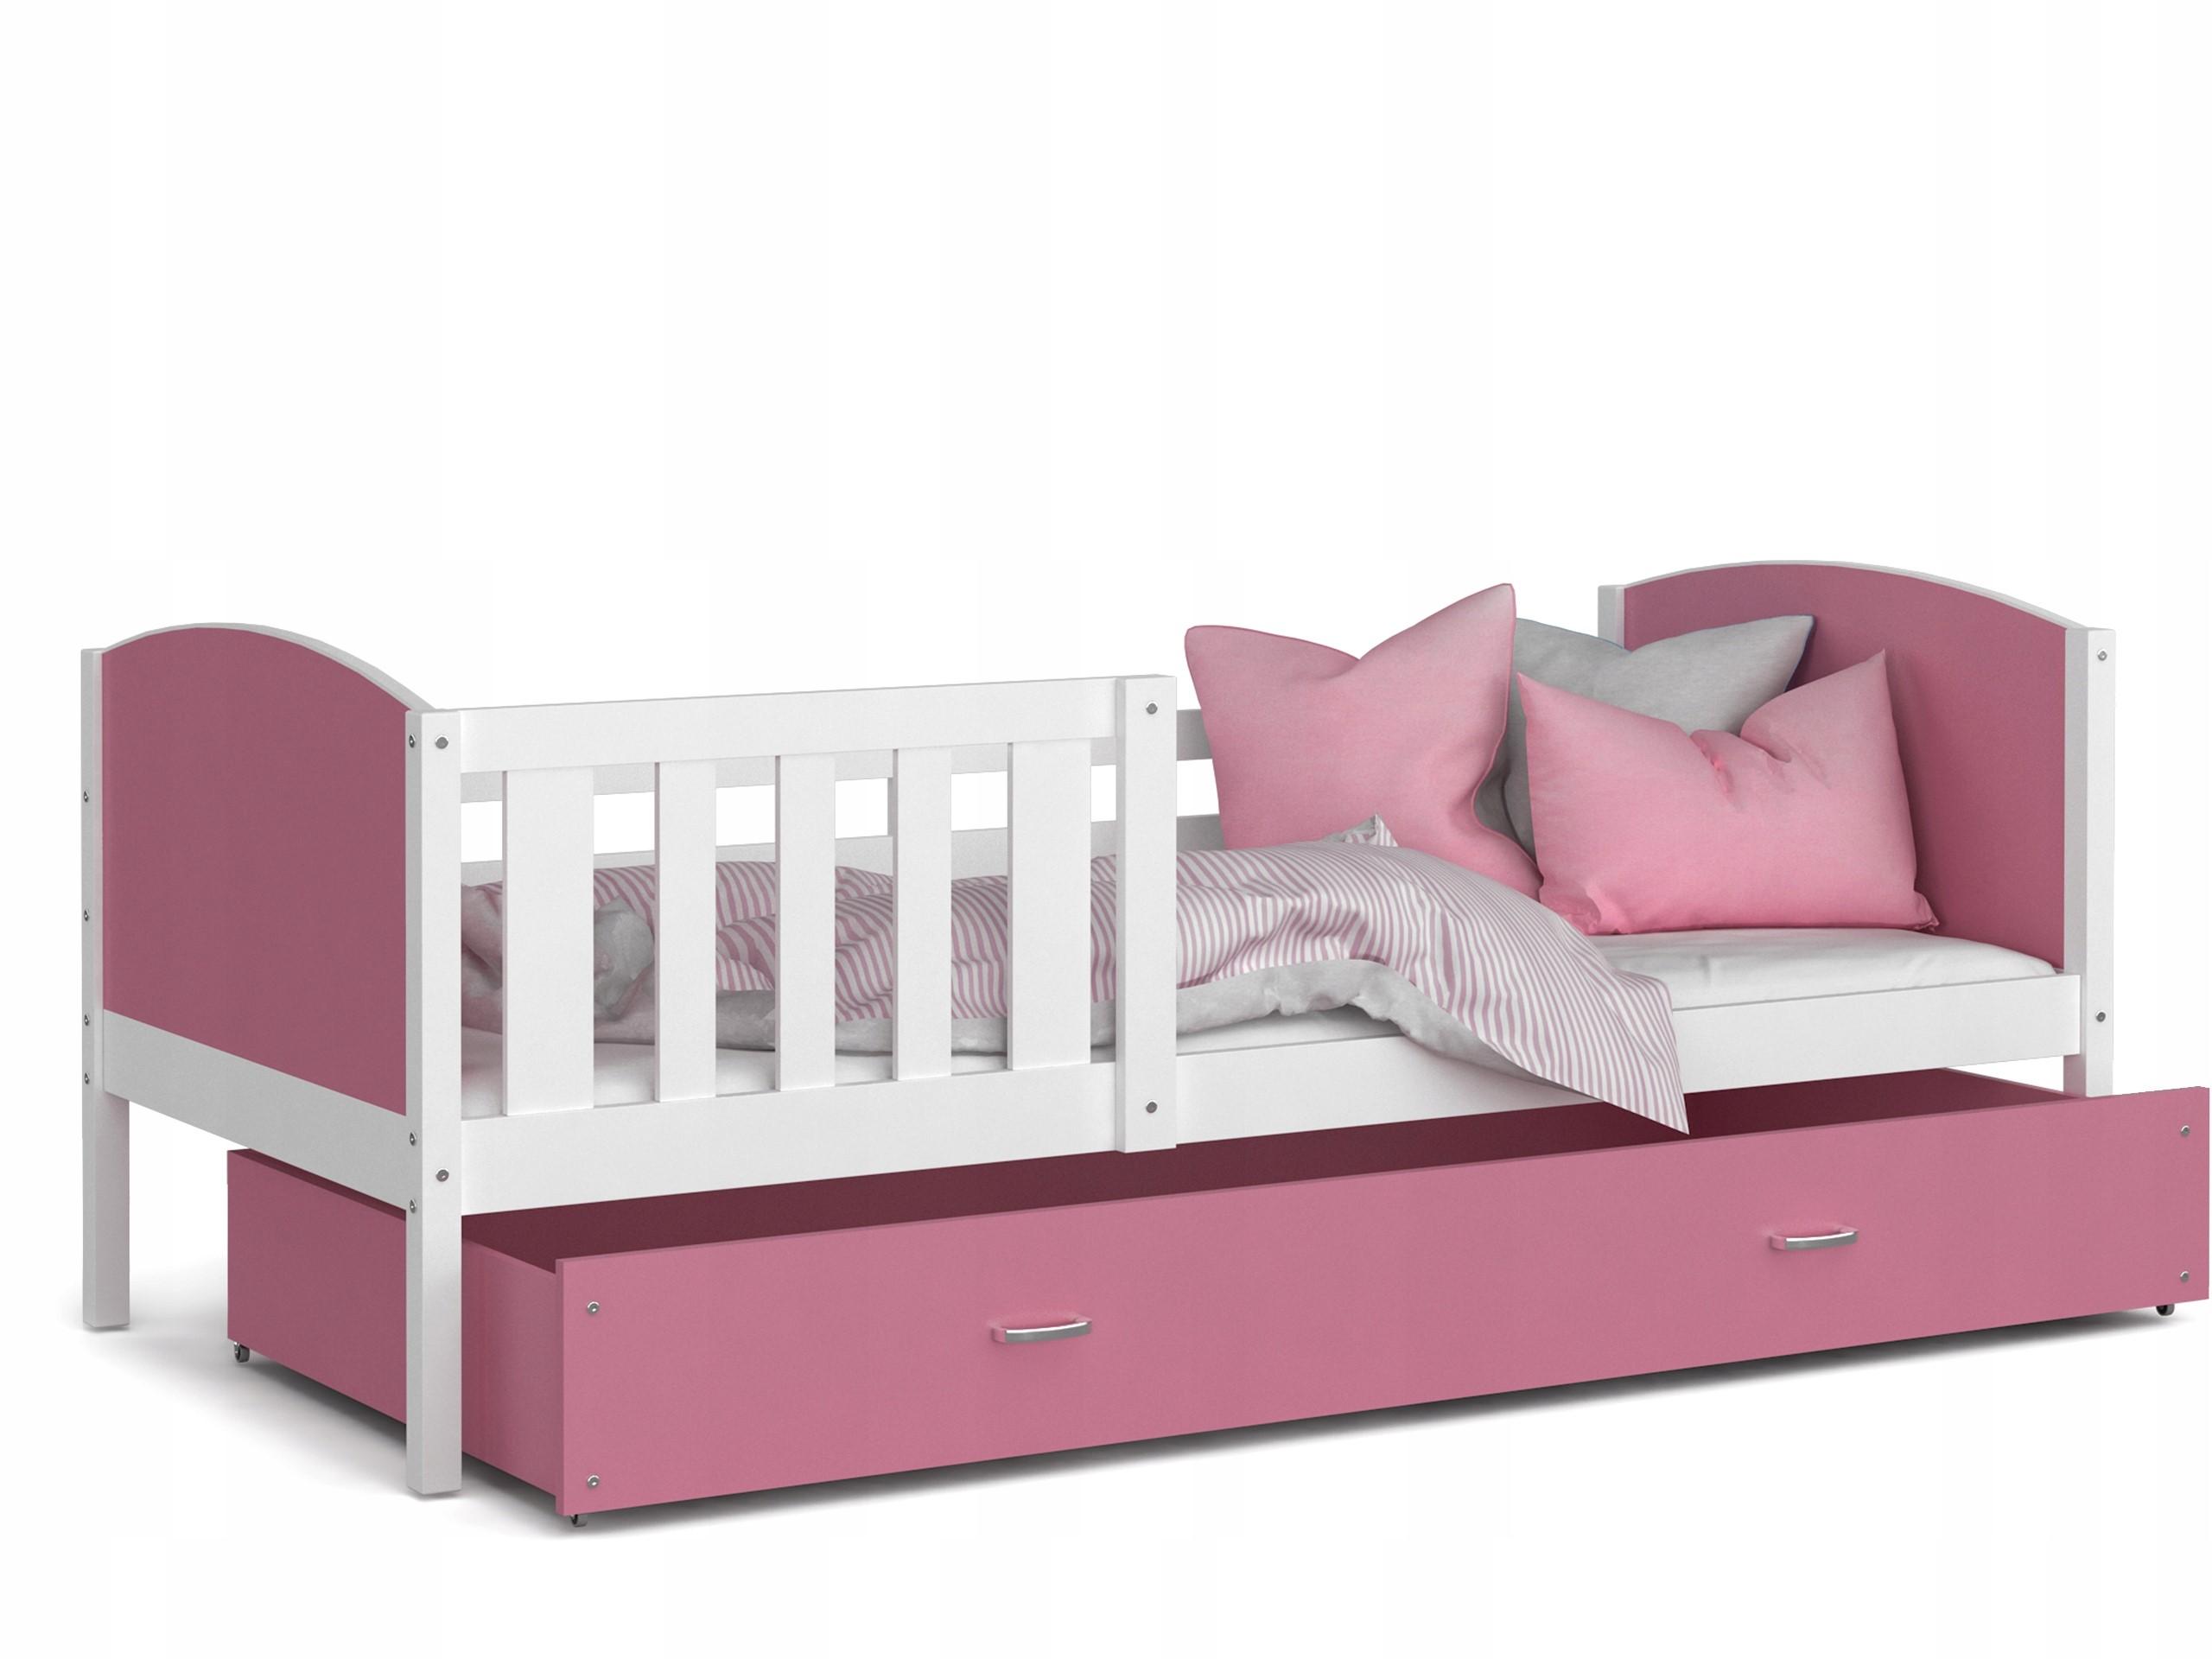 Как выбрать в Ikea кровать для ребенка